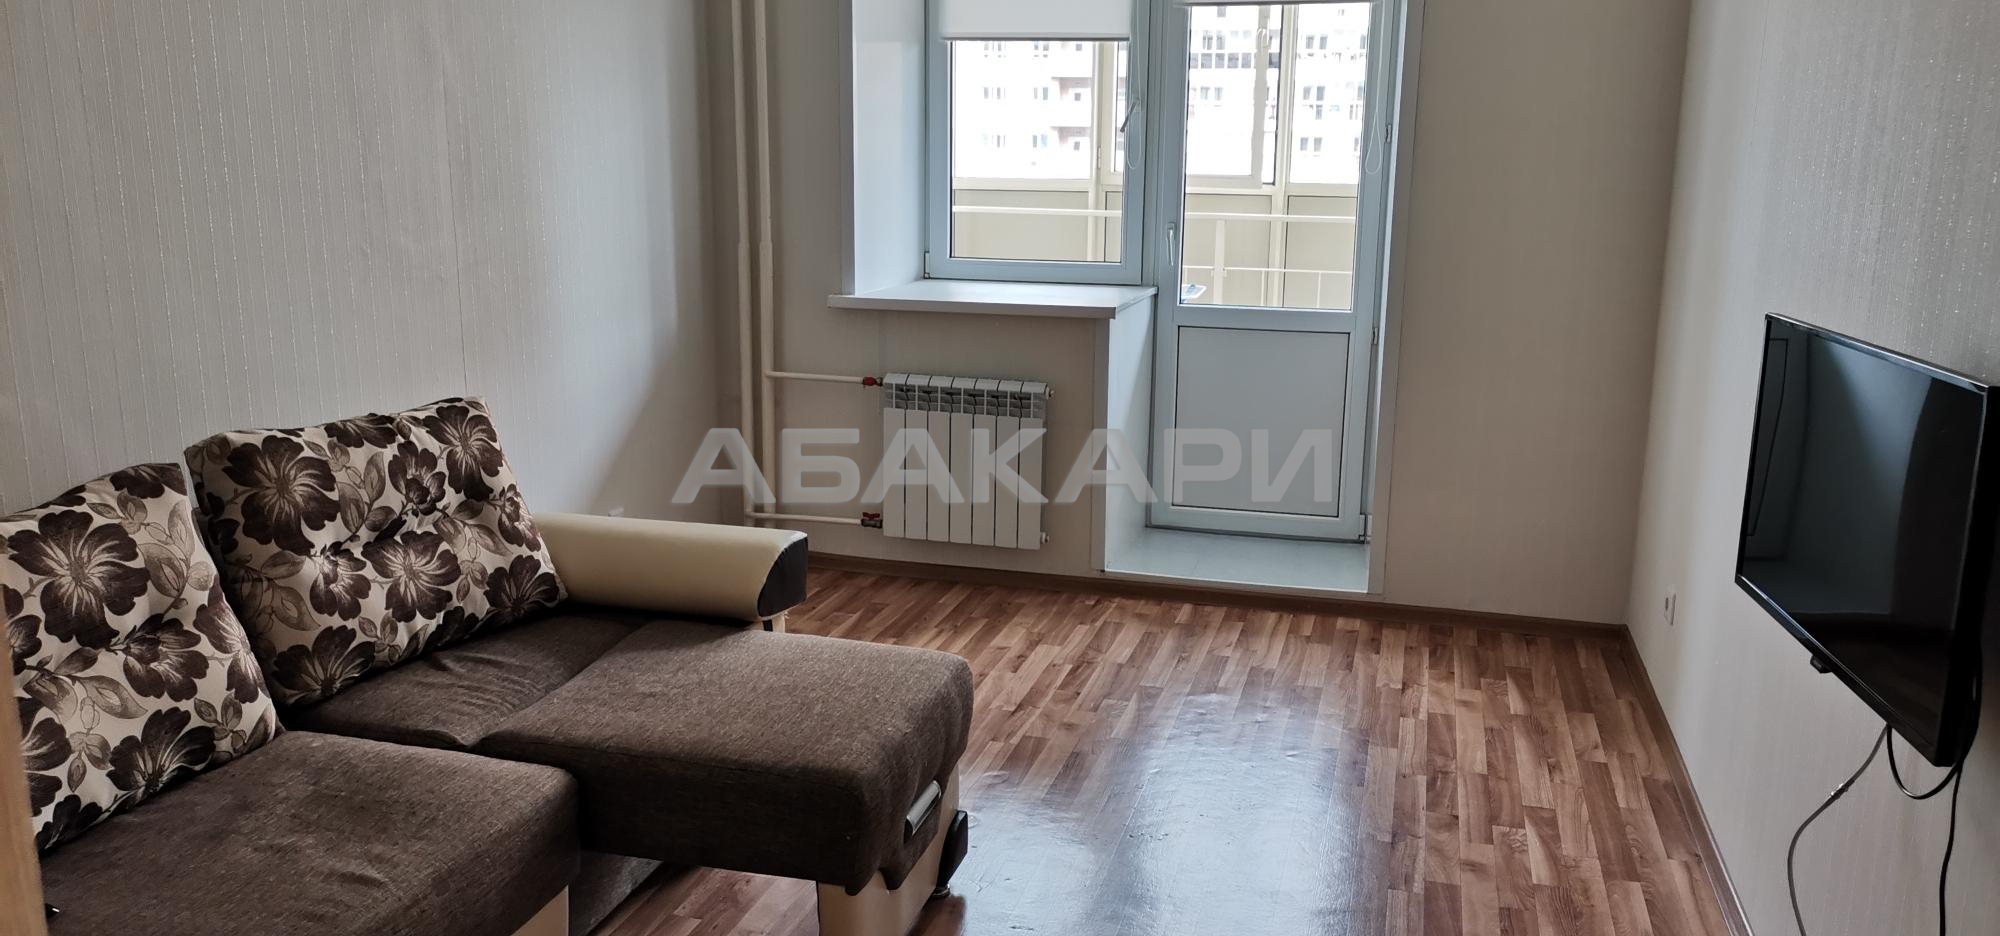 1к квартира улица Норильская, 16И | 14000 | аренда в Красноярске фото 0